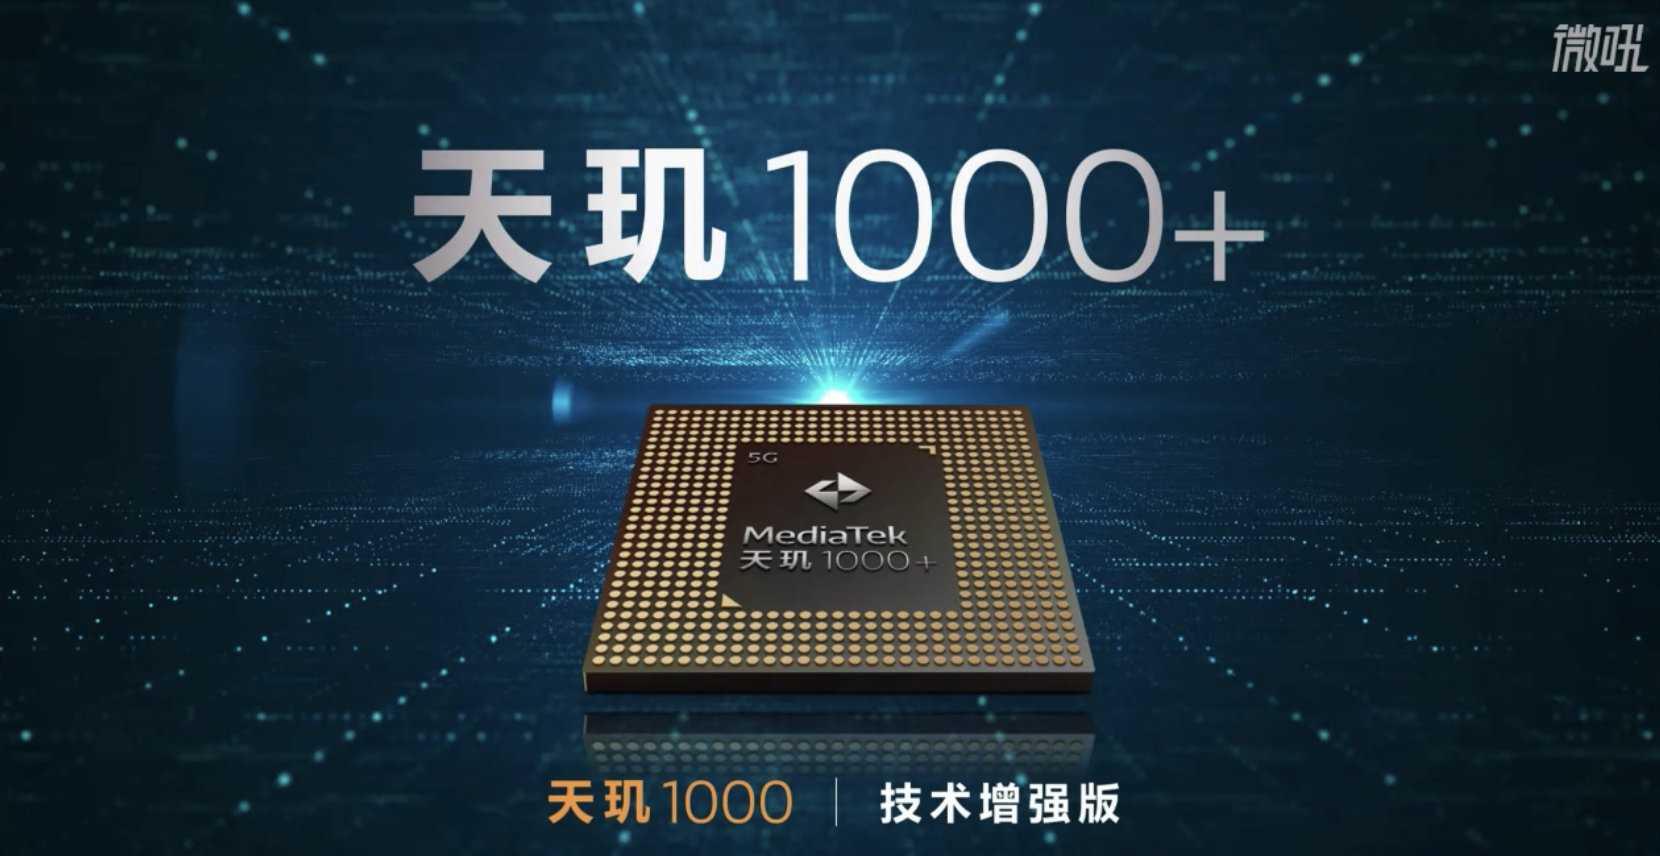 Известный в широких кругах инсайдер @Xiaomishka поделился результатами тестов производительности флагманского чипа нового поколения MediaTek Dimensity 1000